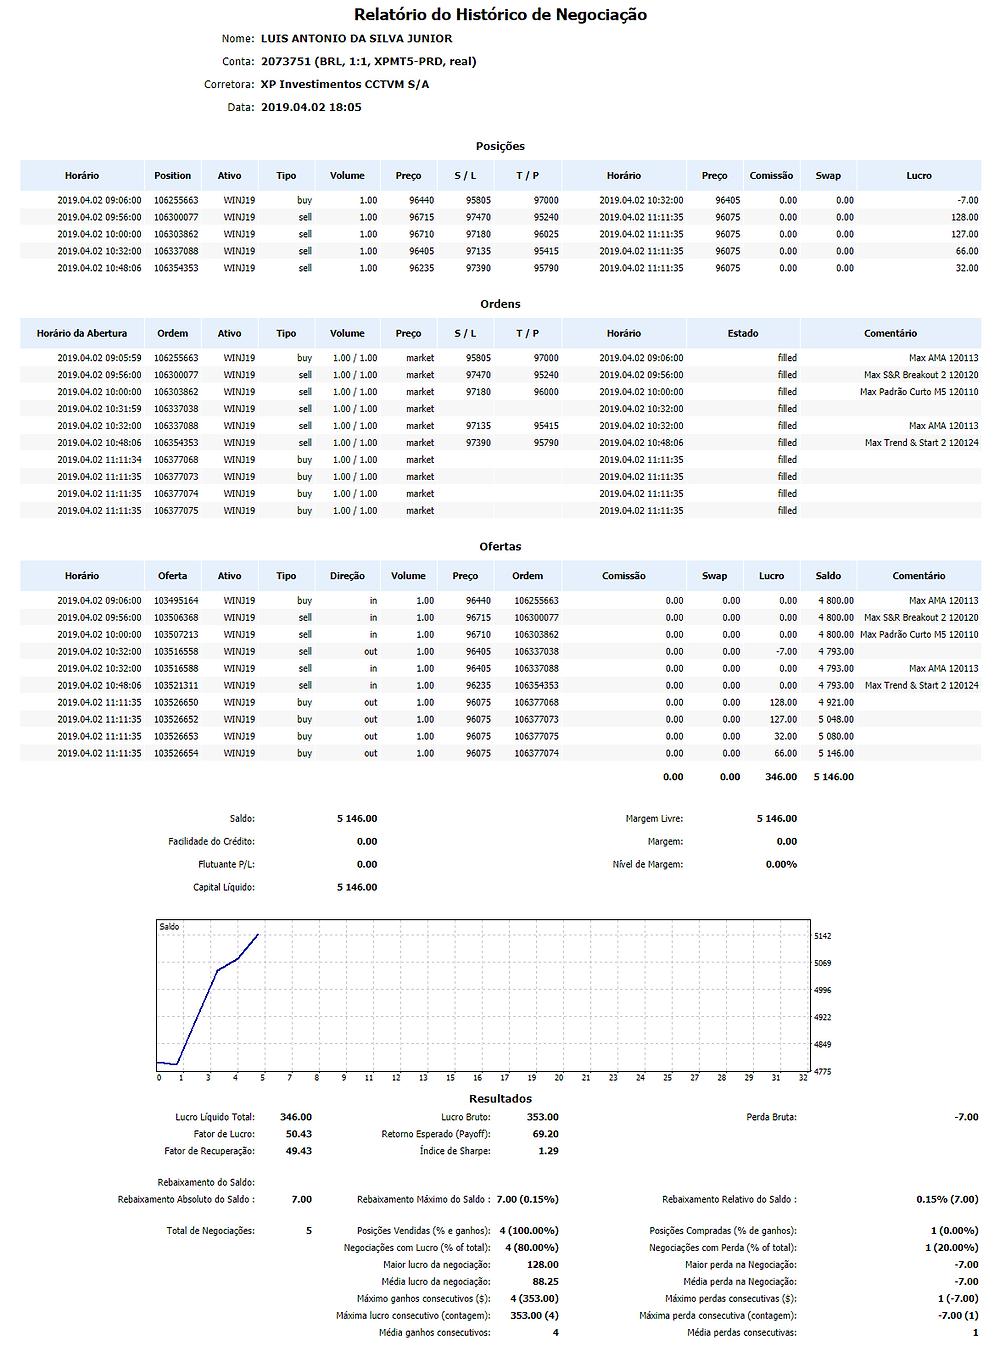 Relatório do Histórico de Negociação Nome:LUIS ANTONIO DA SILVA JUNIOR Conta:2073751 (BRL, 1:1, XPMT5-PRD, real) Corretora:XP Investimentos CCTVM S/A Data:2019.04.02 18:05 Posições HorárioPositionAtivoTipoVolumePreçoS / LT / PHorárioPreçoComissãoSwapLucro 2019.04.02 09:06:00106255663WINJ19buy1.009644095805970002019.04.02 10:32:00964050.000.00-7.00 2019.04.02 09:56:00106300077WINJ19sell1.009671597470952402019.04.02 11:11:35960750.000.00128.00 2019.04.02 10:00:00106303862WINJ19sell1.009671097180960252019.04.02 11:11:35960750.000.00127.00 2019.04.02 10:32:00106337088WINJ19sell1.009640597135954152019.04.02 11:11:35960750.000.0066.00 2019.04.02 10:48:06106354353WINJ19sell1.009623597390957902019.04.02 11:11:35960750.000.0032.00 Ordens Horário da AberturaOrdemAtivoTipoVolumePreçoS / LT / PHorárioEstadoComentário 2019.04.02 09:05:59106255663WINJ19buy1.00 / 1.00market95805970002019.04.02 09:06:00filledMax AMA 120113 2019.04.02 09:56:00106300077WINJ19sell1.00 / 1.00market97470952402019.04.02 09:56:00filledMax S&R Breakout 2 120120 2019.04.02 10:00:00106303862WINJ19sell1.00 / 1.00market97180960002019.04.02 10:00:00filledMax Padrão Curto M5 120110 2019.04.02 10:31:59106337038WINJ19sell1.00 / 1.00market2019.04.02 10:32:00filled 2019.04.02 10:32:00106337088WINJ19sell1.00 / 1.00market97135954152019.04.02 10:32:00filledMax AMA 120113 2019.04.02 10:48:06106354353WINJ19sell1.00 / 1.00market97390957902019.04.02 10:48:06filledMax Trend & Start 2 120124 2019.04.02 11:11:34106377068WINJ19buy1.00 / 1.00market2019.04.02 11:11:35filled 2019.04.02 11:11:35106377073WINJ19buy1.00 / 1.00market2019.04.02 11:11:35filled 2019.04.02 11:11:35106377074WINJ19buy1.00 / 1.00market2019.04.02 11:11:35filled 2019.04.02 11:11:35106377075WINJ19buy1.00 / 1.00market2019.04.02 11:11:35filled Ofertas HorárioOfertaAtivoTipoDireçãoVolumePreçoOrdemComissãoSwapLucroSaldoComentário 2019.04.02 09:06:00103495164WINJ19buyin1.00964401062556630.000.000.004 800.00Max AMA 120113 2019.04.02 09:56:00103506368WINJ19sellin1.009